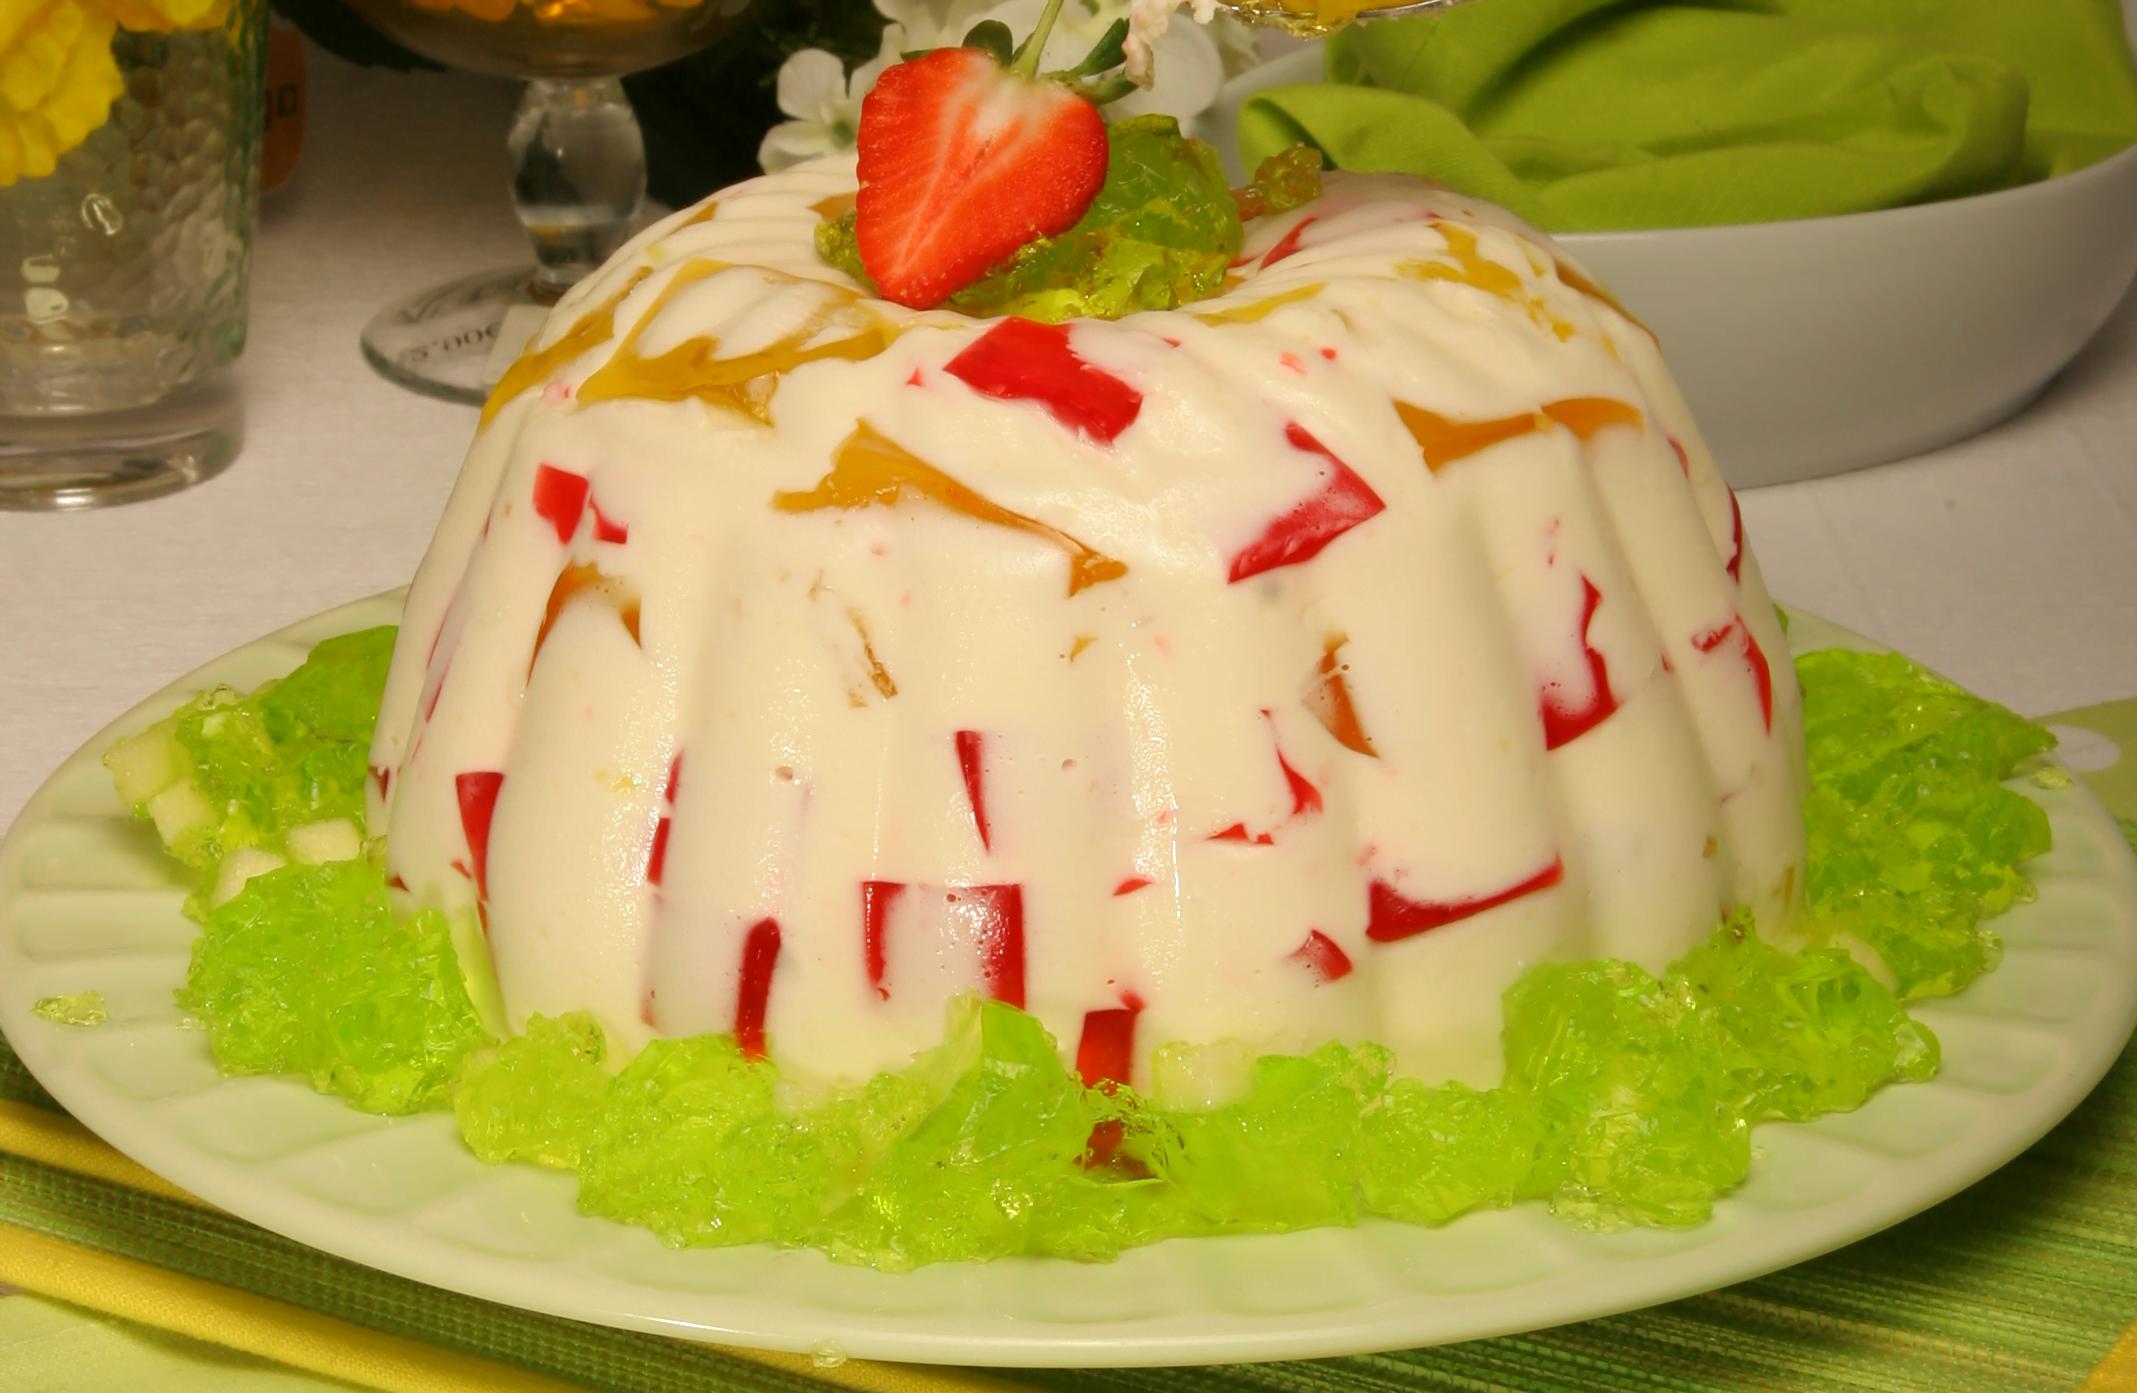 delicia fresca de gelatina